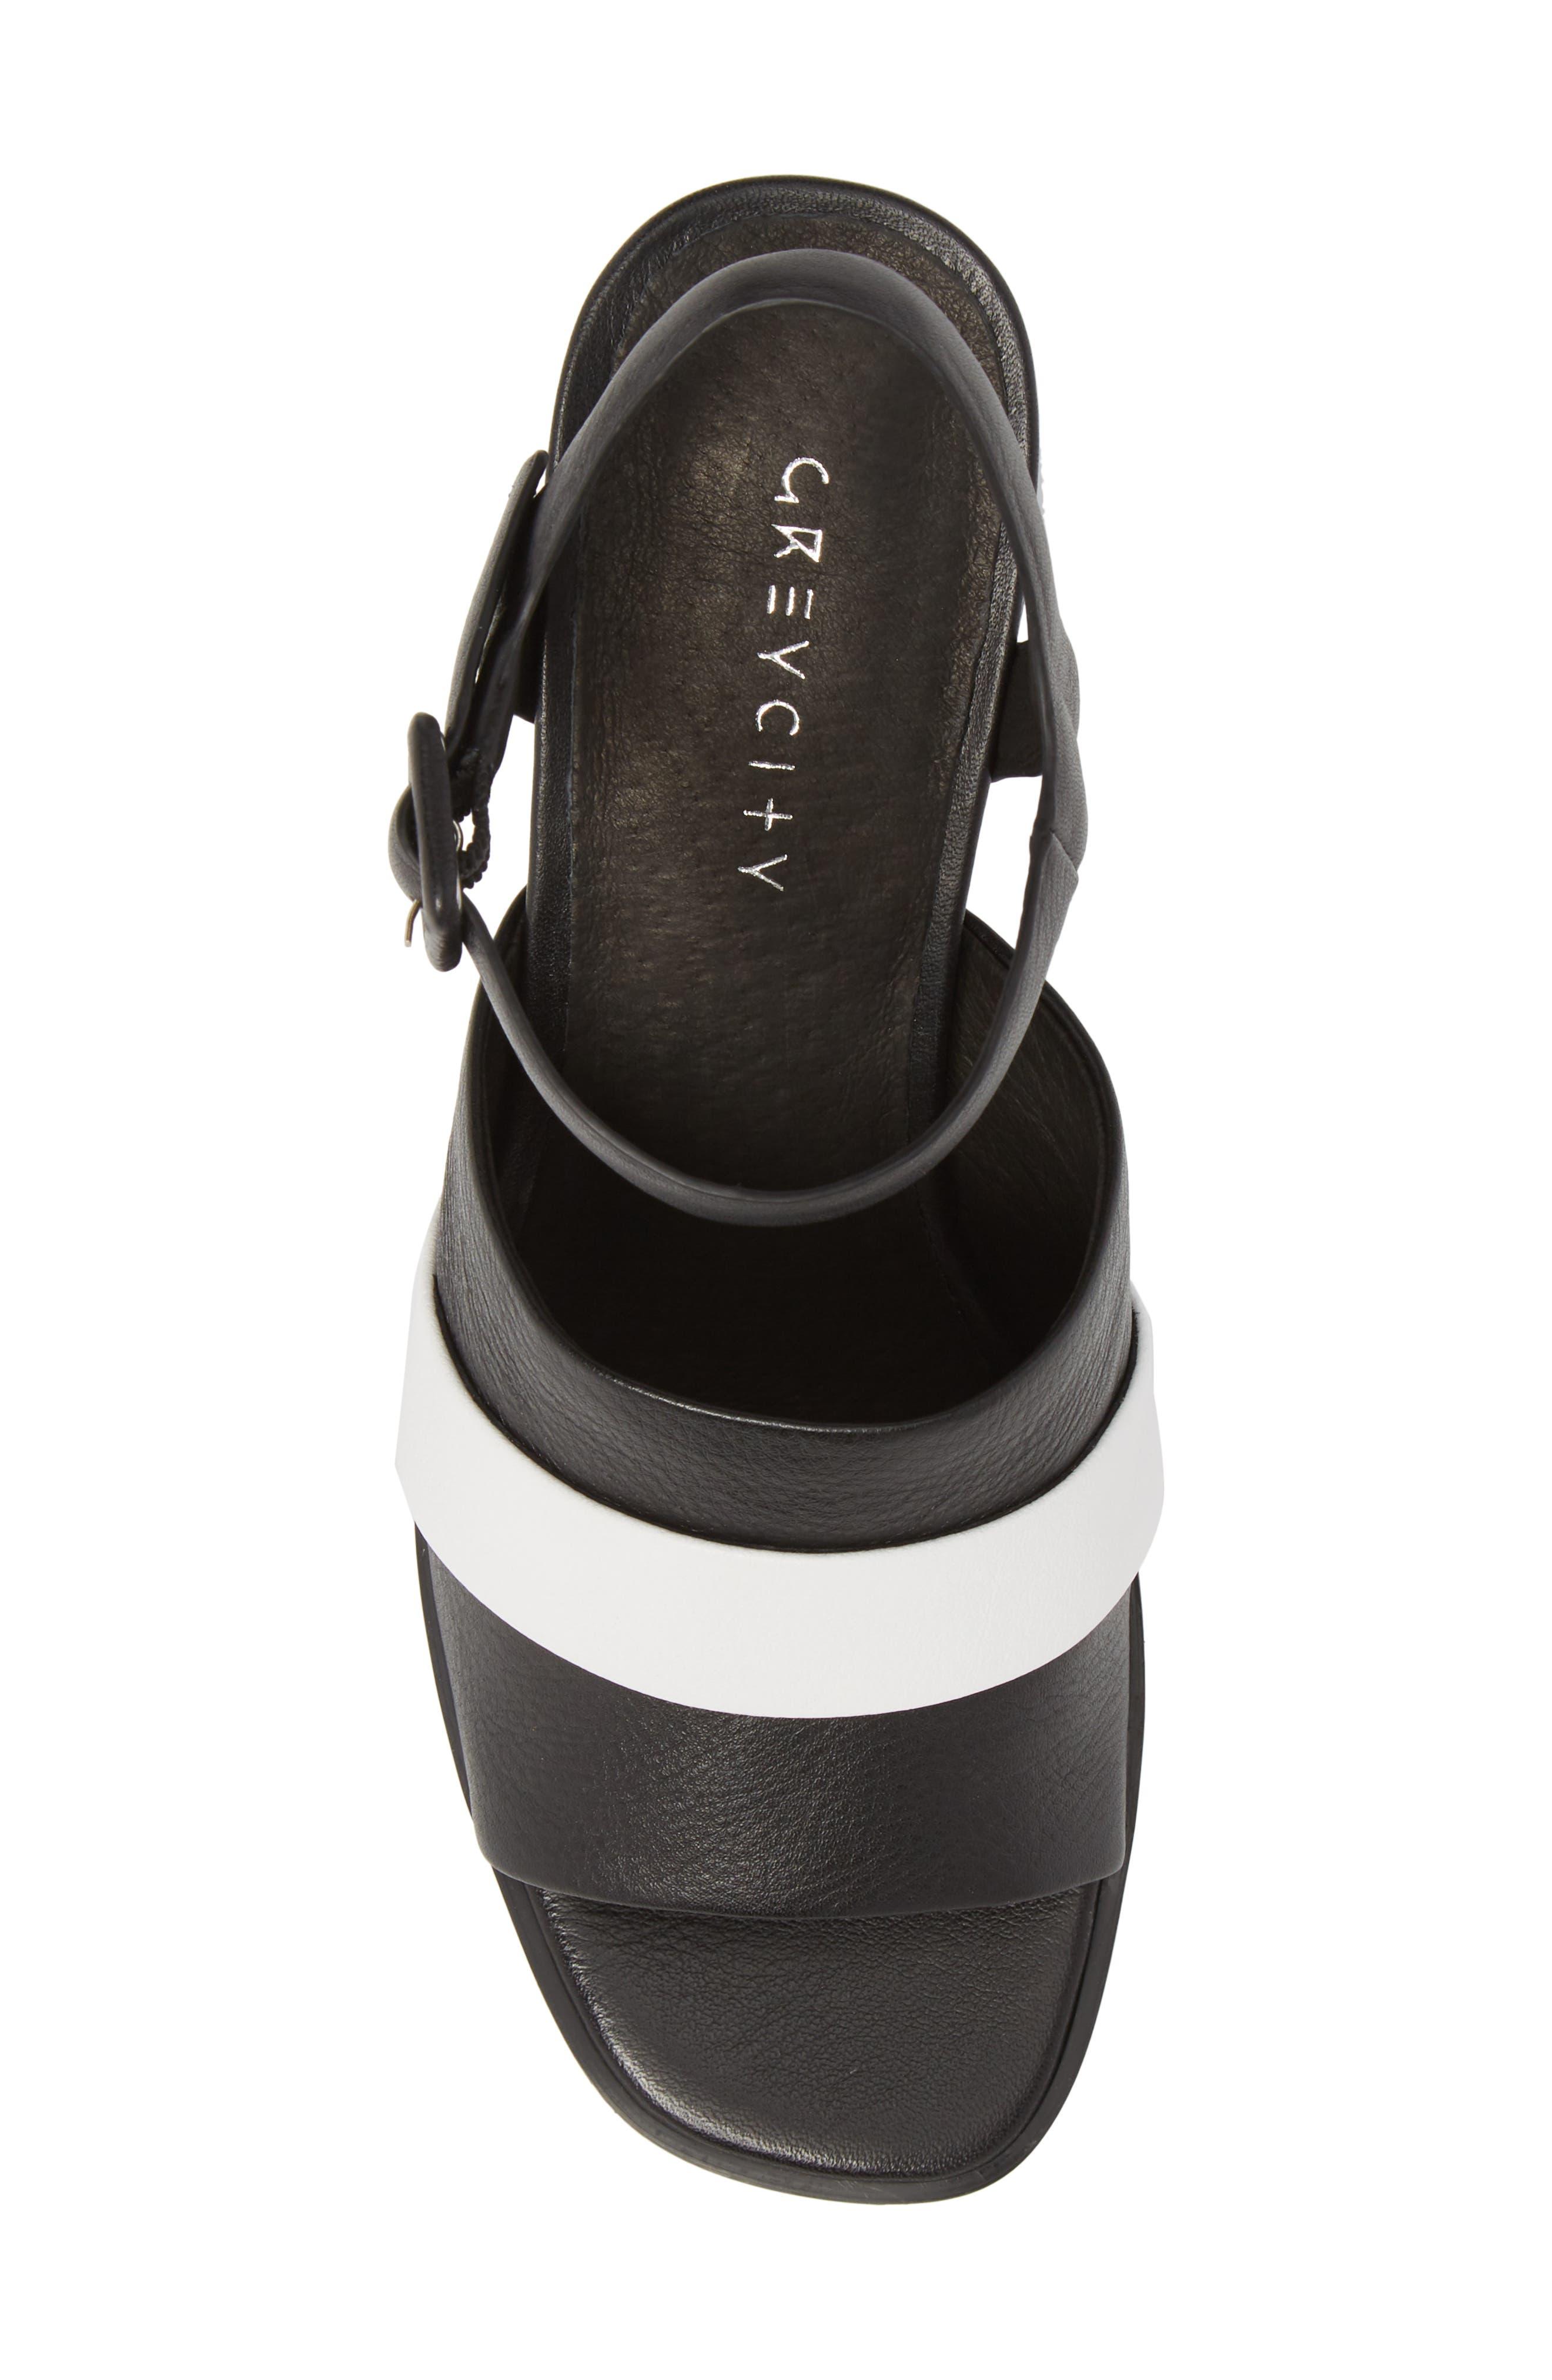 Ren Sandal,                             Alternate thumbnail 5, color,                             Black/ White